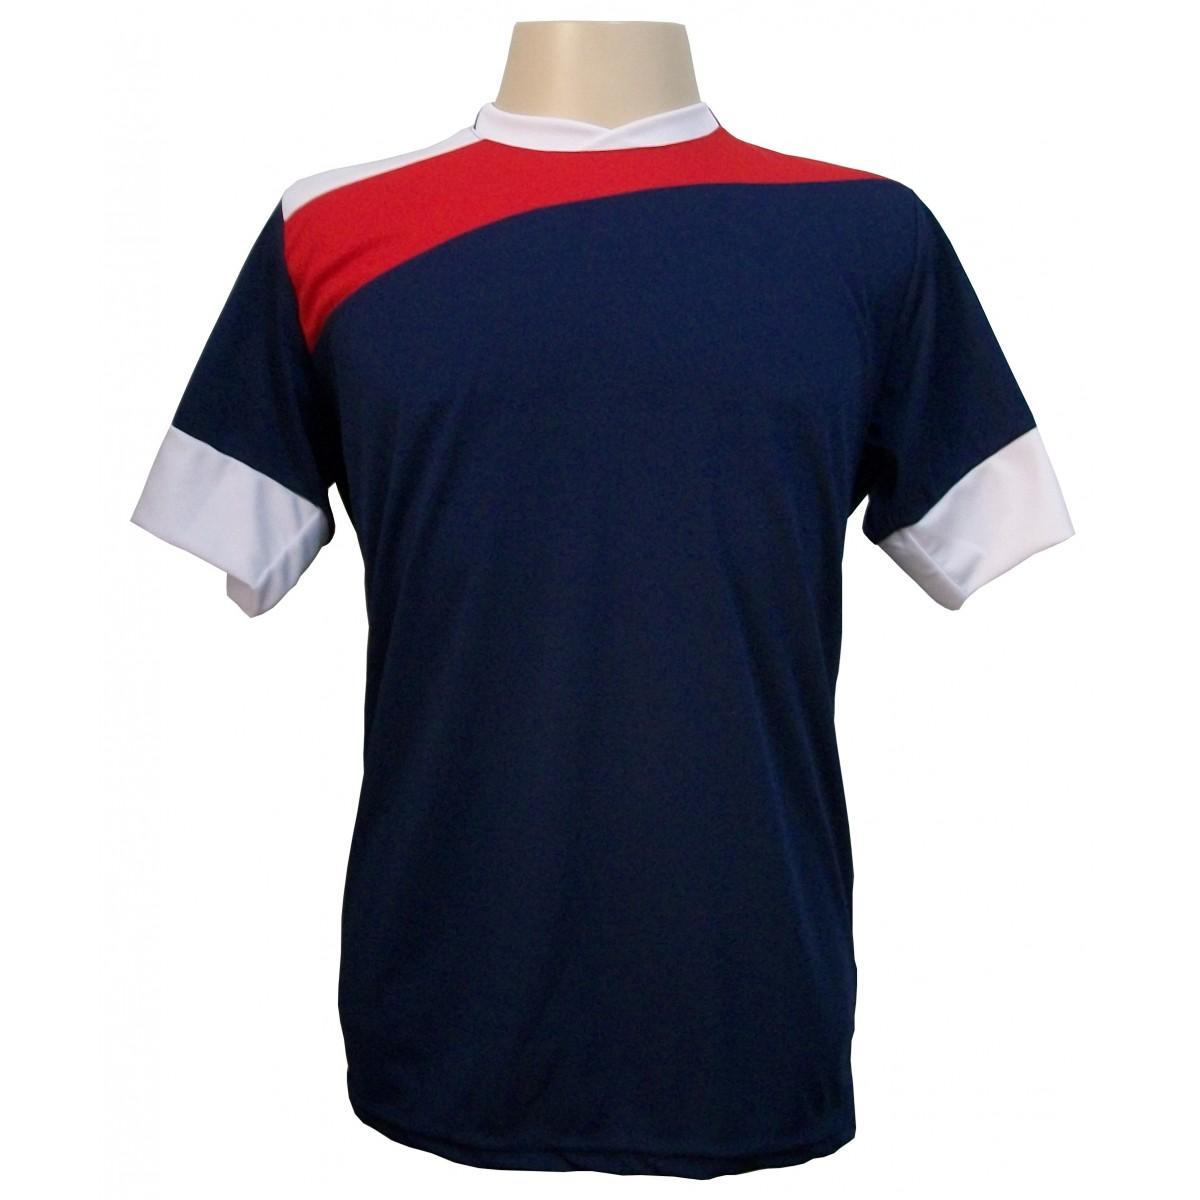 Jogo de Camisa Sporting Marinho/Vermelho/Branco 14 pe�as - Frete Gr�tis + Brindes